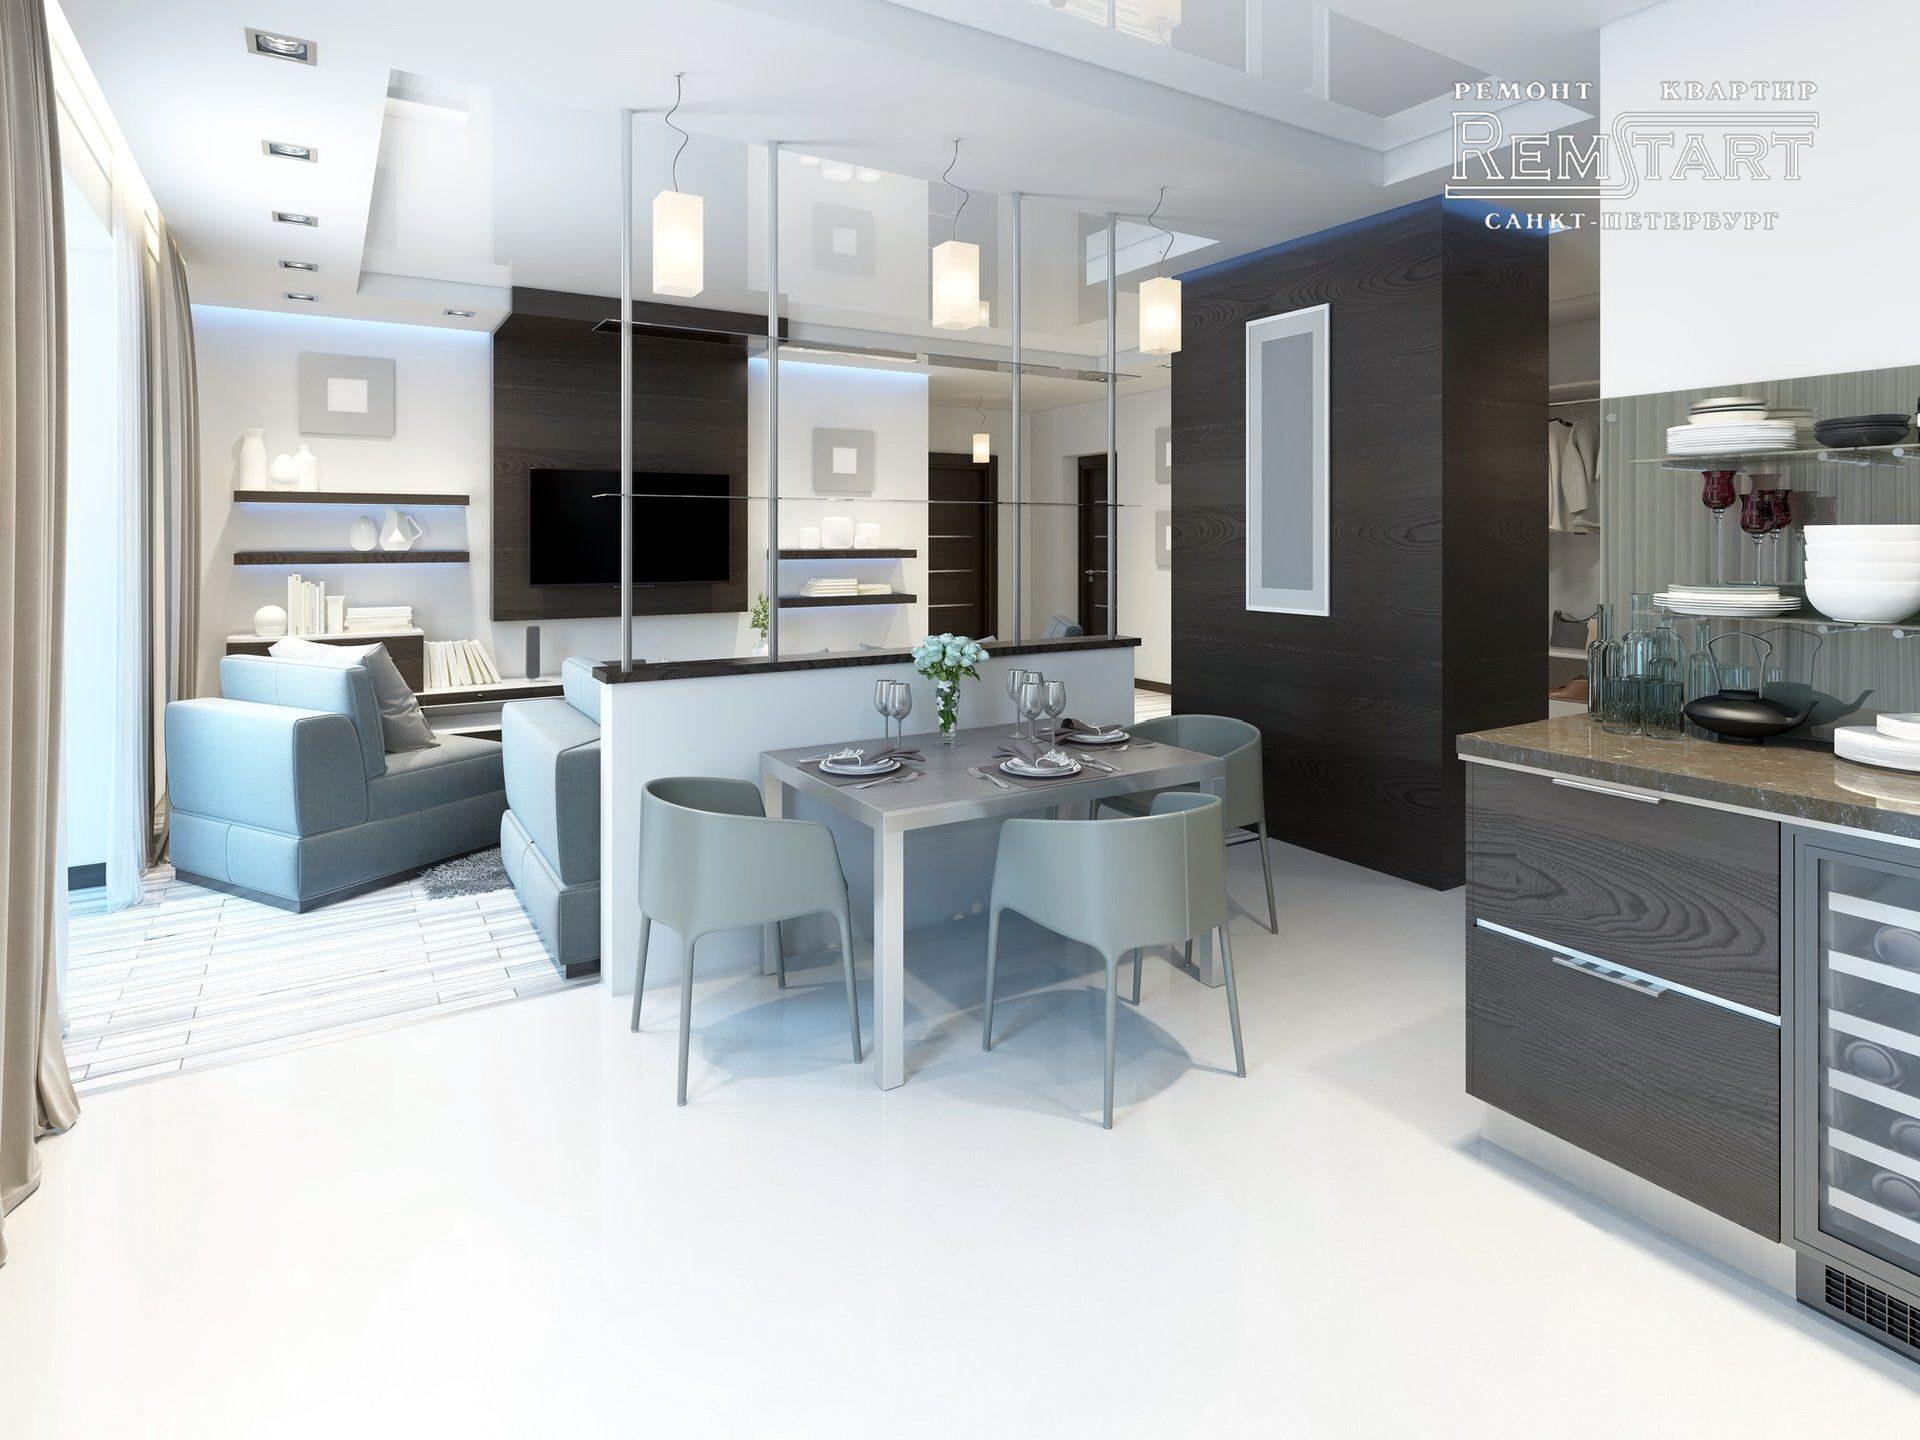 Дизайн большой квартиры студии совмещенная кухня и гостиная СПБ